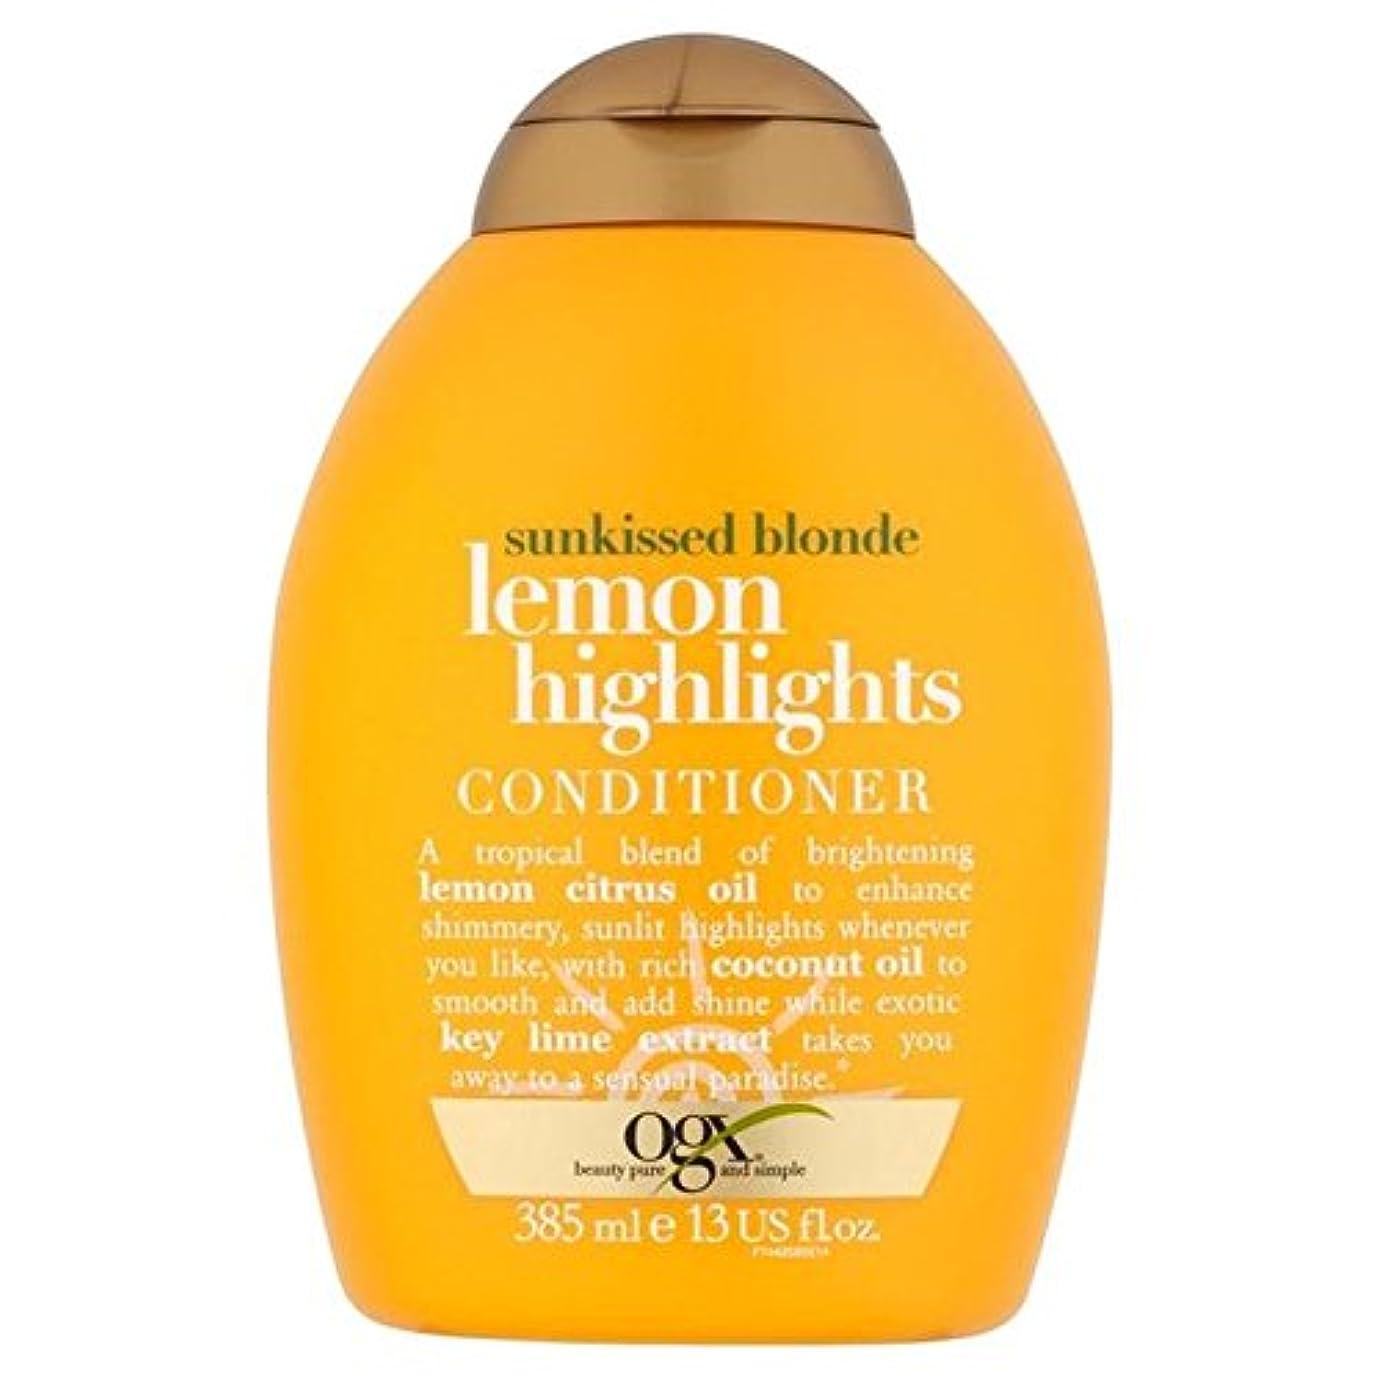 吹雪エゴイズム解釈ブロンドレモンハイライトコンディショナー385ミリリットル x2 - Ogx Blonde Lemon Highlights Conditioner 385ml (Pack of 2) [並行輸入品]